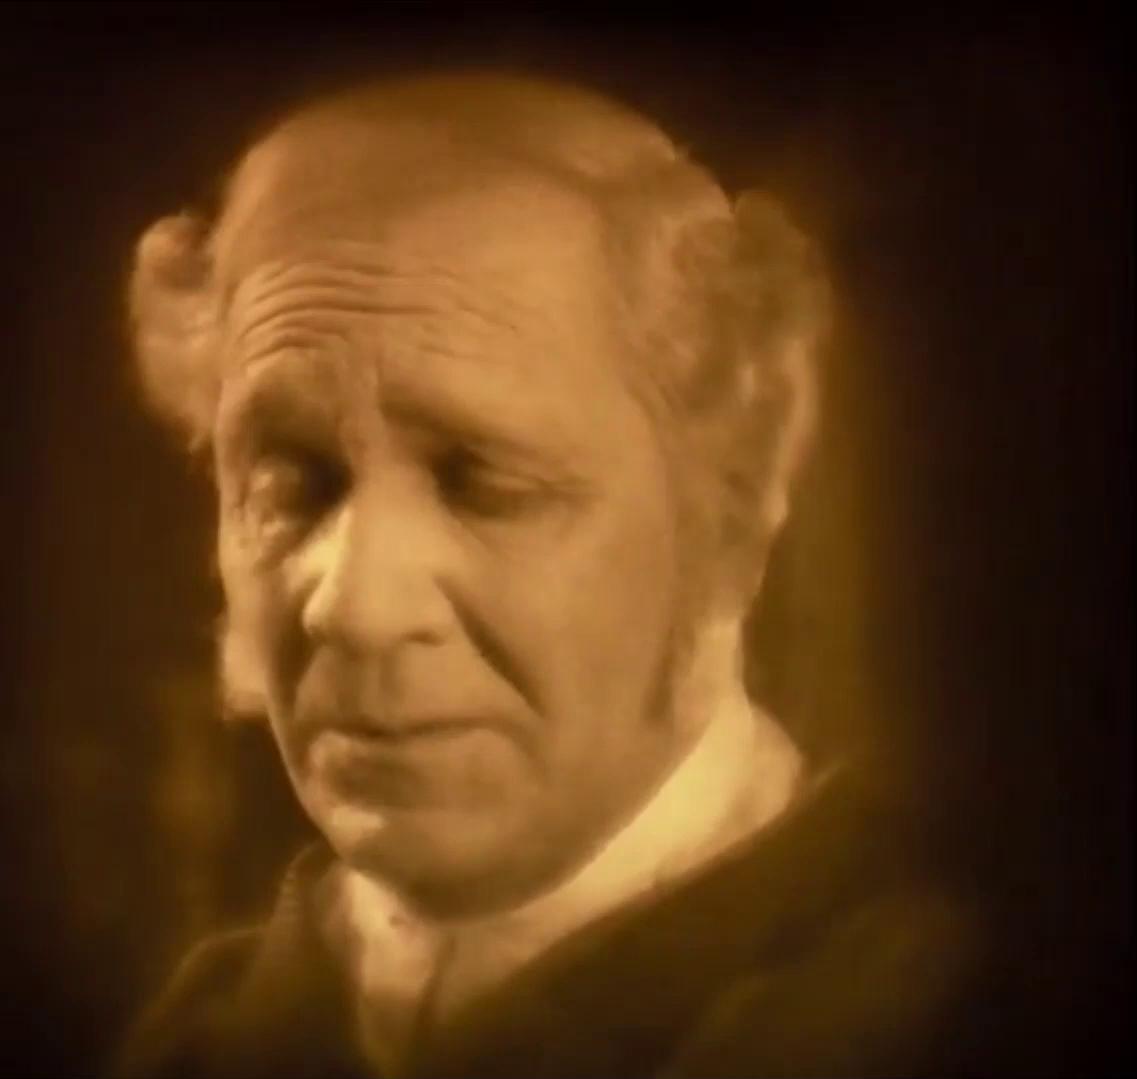 Vendrey Ferenc est Komornyik dans le film muet hongrois Egy fiúnak a fele (1924) de Géza von Bolváry